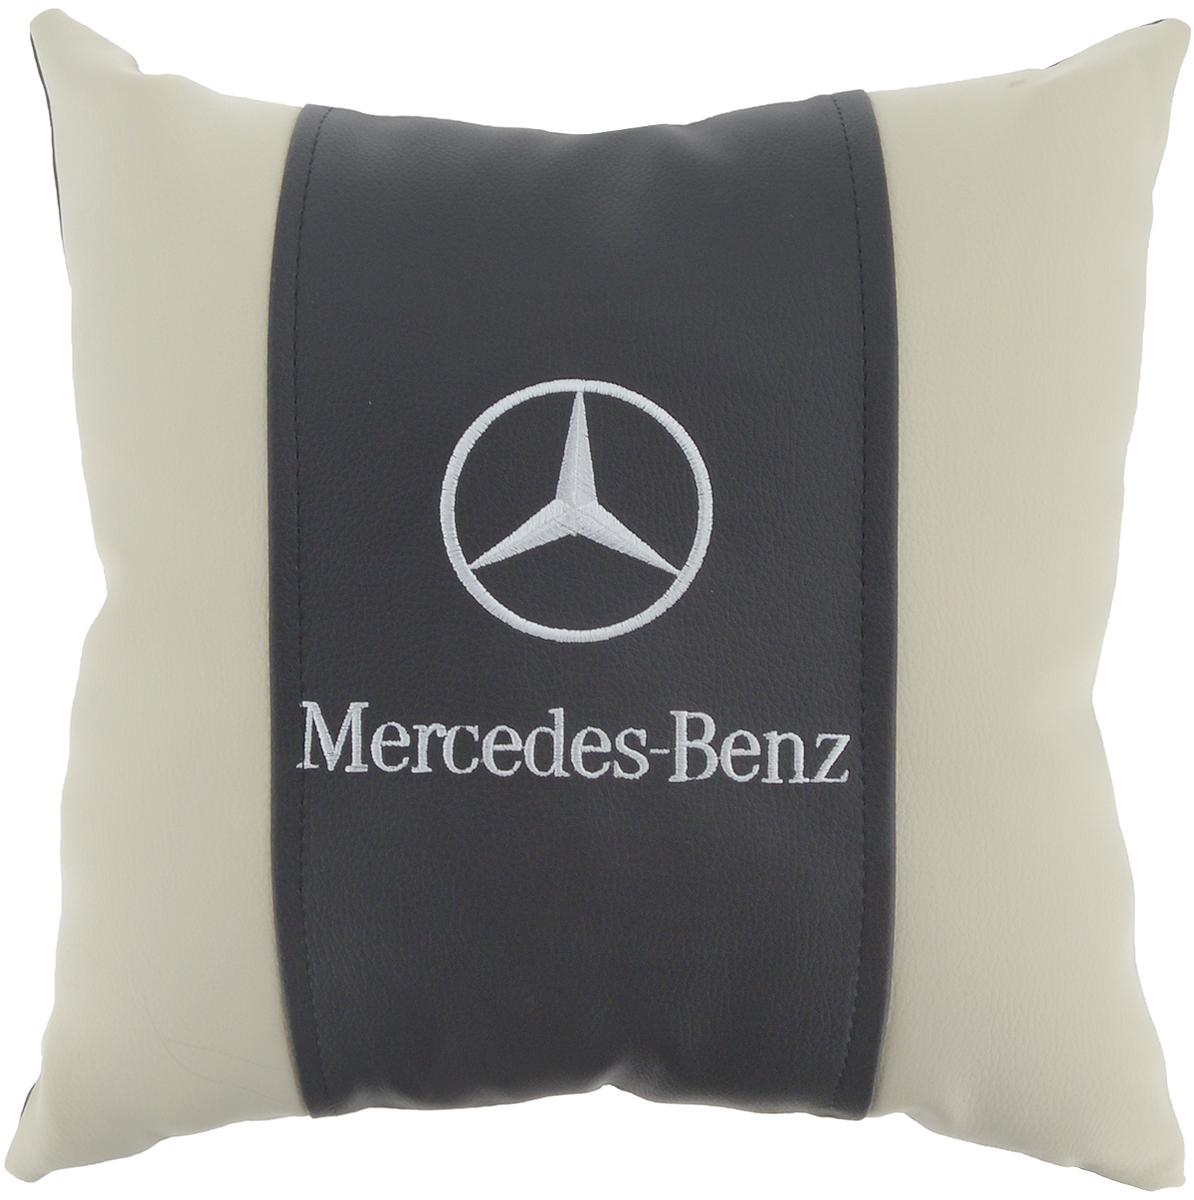 Подушка на сиденье Autoparts Mercedes, 30 х 30 смМ055Подушка на сиденье Autoparts Mercedes создана для тех, кто весь свой день вынужден проводить за рулем. Чехол выполнен из высококачественной дышащей экокожи. Наполнителем служит холлофайбер. На задней части подушки имеется змейка.Особенности подушки:- Хорошо проветривается.- Предупреждает потение.- Поддерживает комфортную температуру.- Обминается по форме тела.- Улучшает кровообращение.- Исключает затечные явления.- Предупреждает развитие заболеваний, связанных с сидячим образом жизни. Подушка также будет полезна и дома - при работе за компьютером, школьникам - при выполнении домашних работ, да и в любимом кресле перед телевизором.